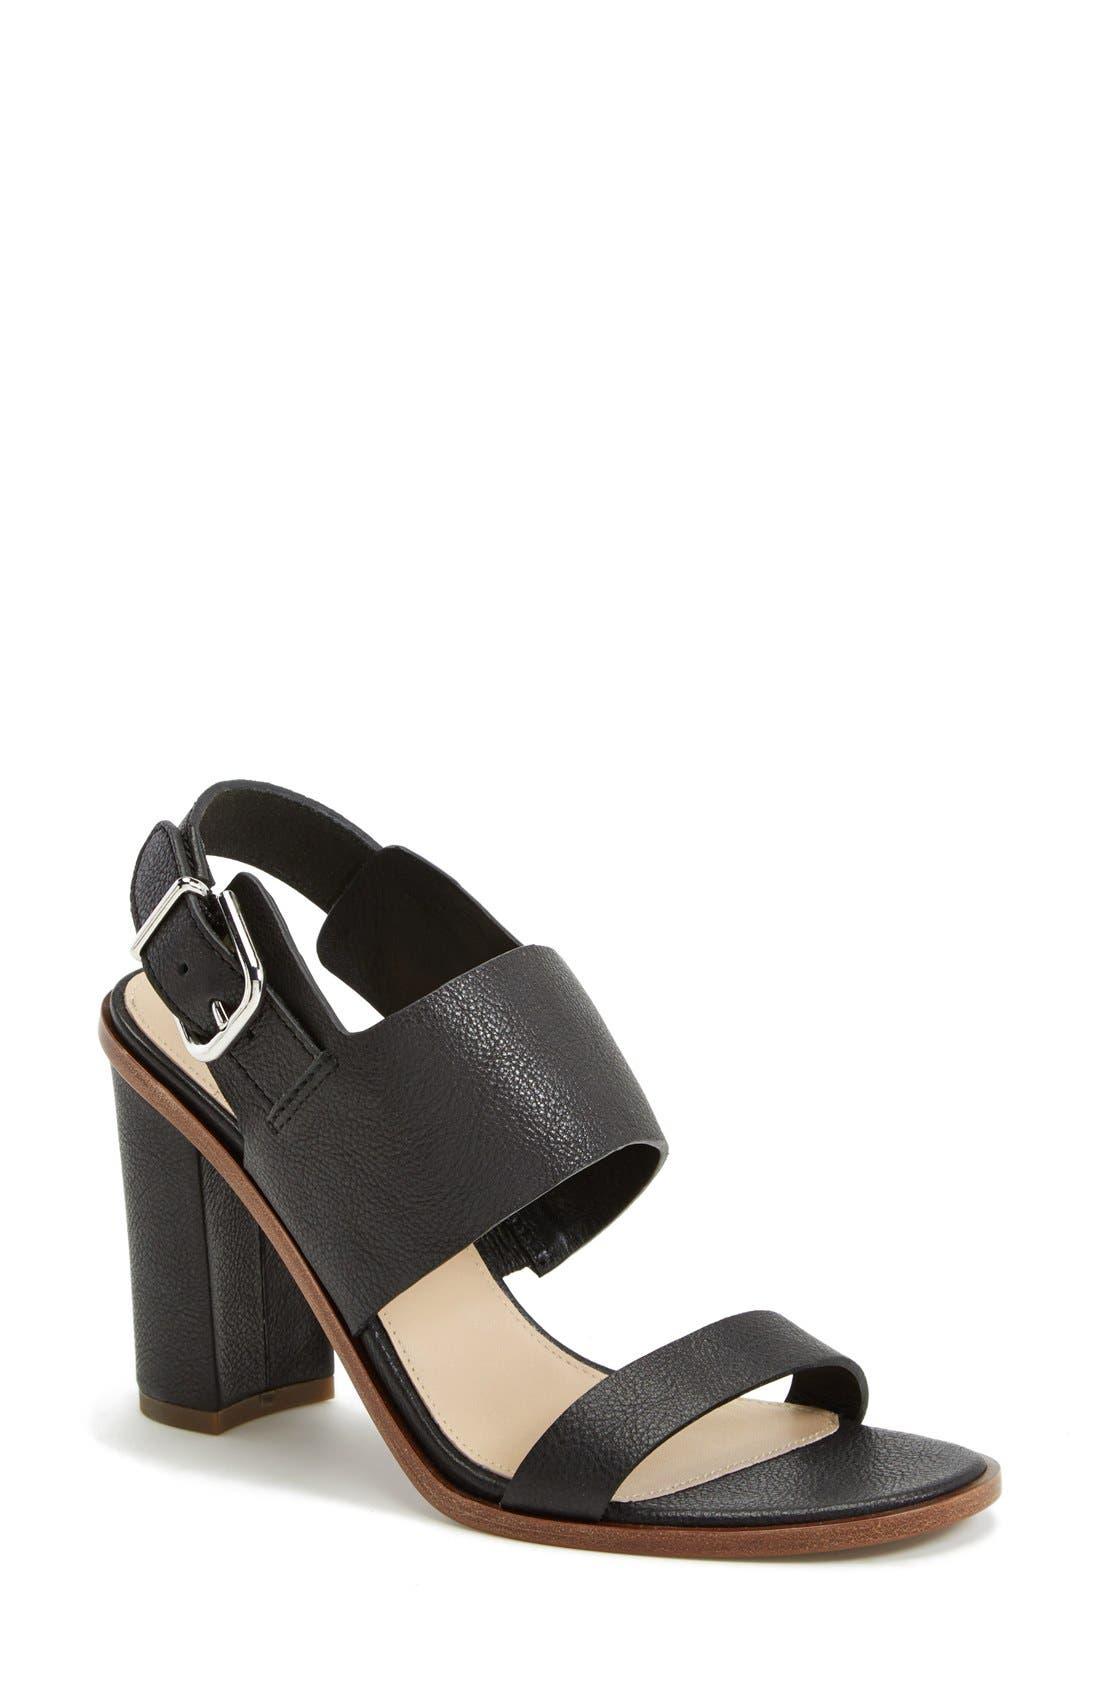 VIA SPIGA,                             'Baris' Leather Slingback Sandal,                             Main thumbnail 1, color,                             001